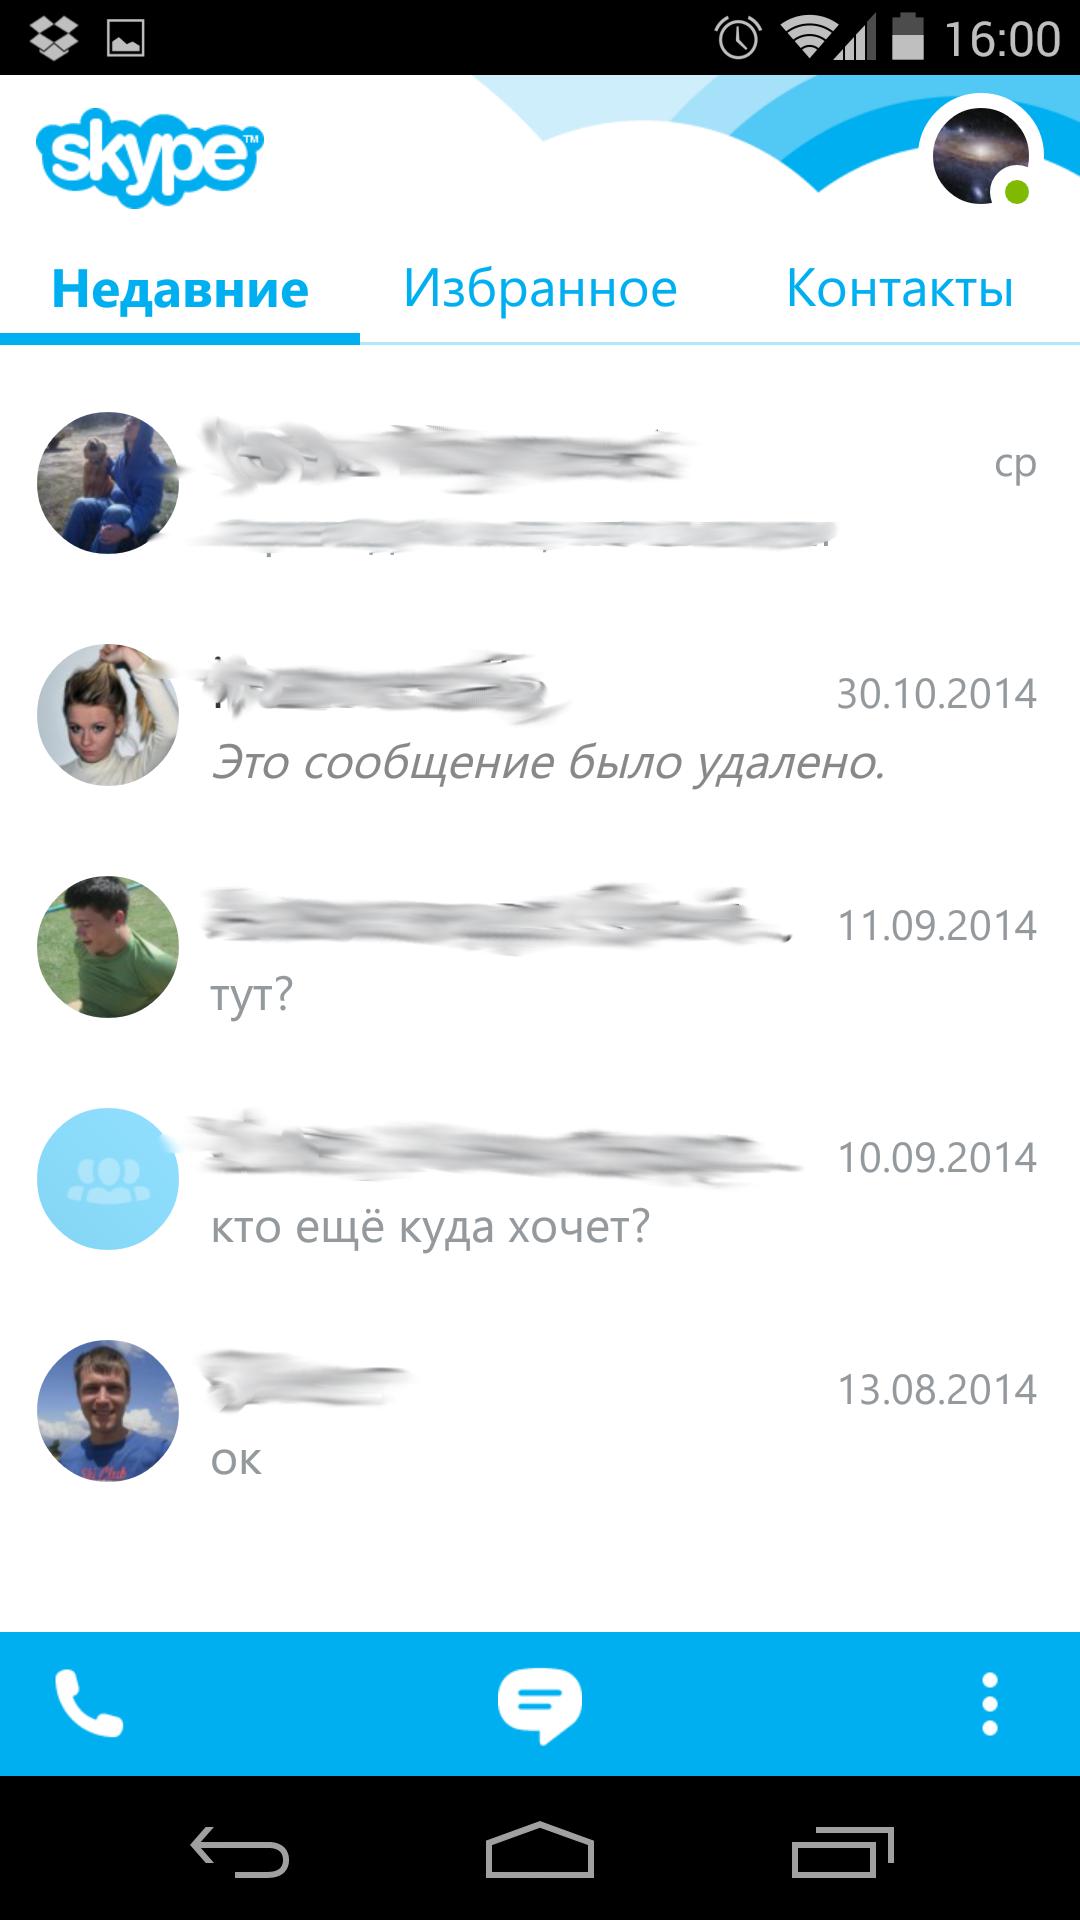 знакомства в skype бесплатно